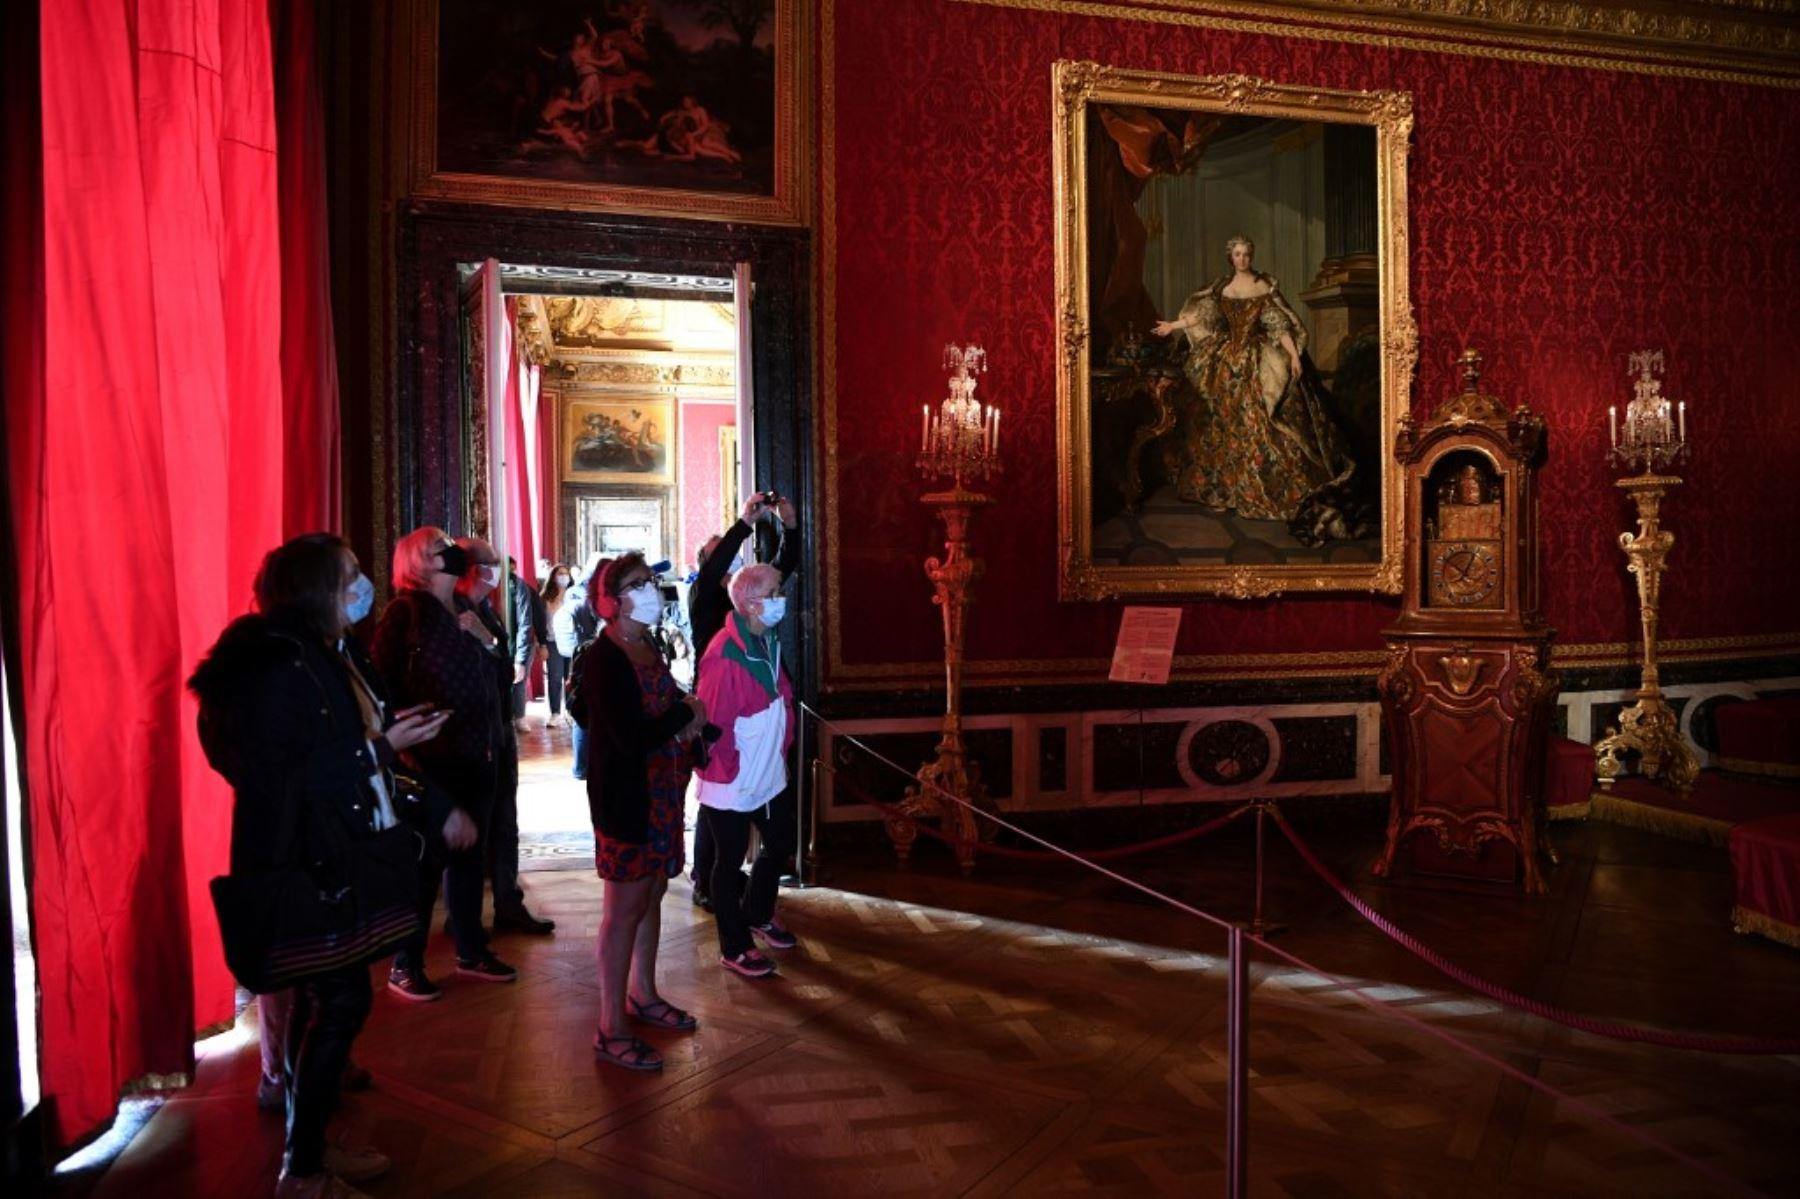 Turistas visitan el emblemático Palacio de Versalles tras su reapertura luego de permanecer cerrado por meses de confinamiento. Foto: AFP